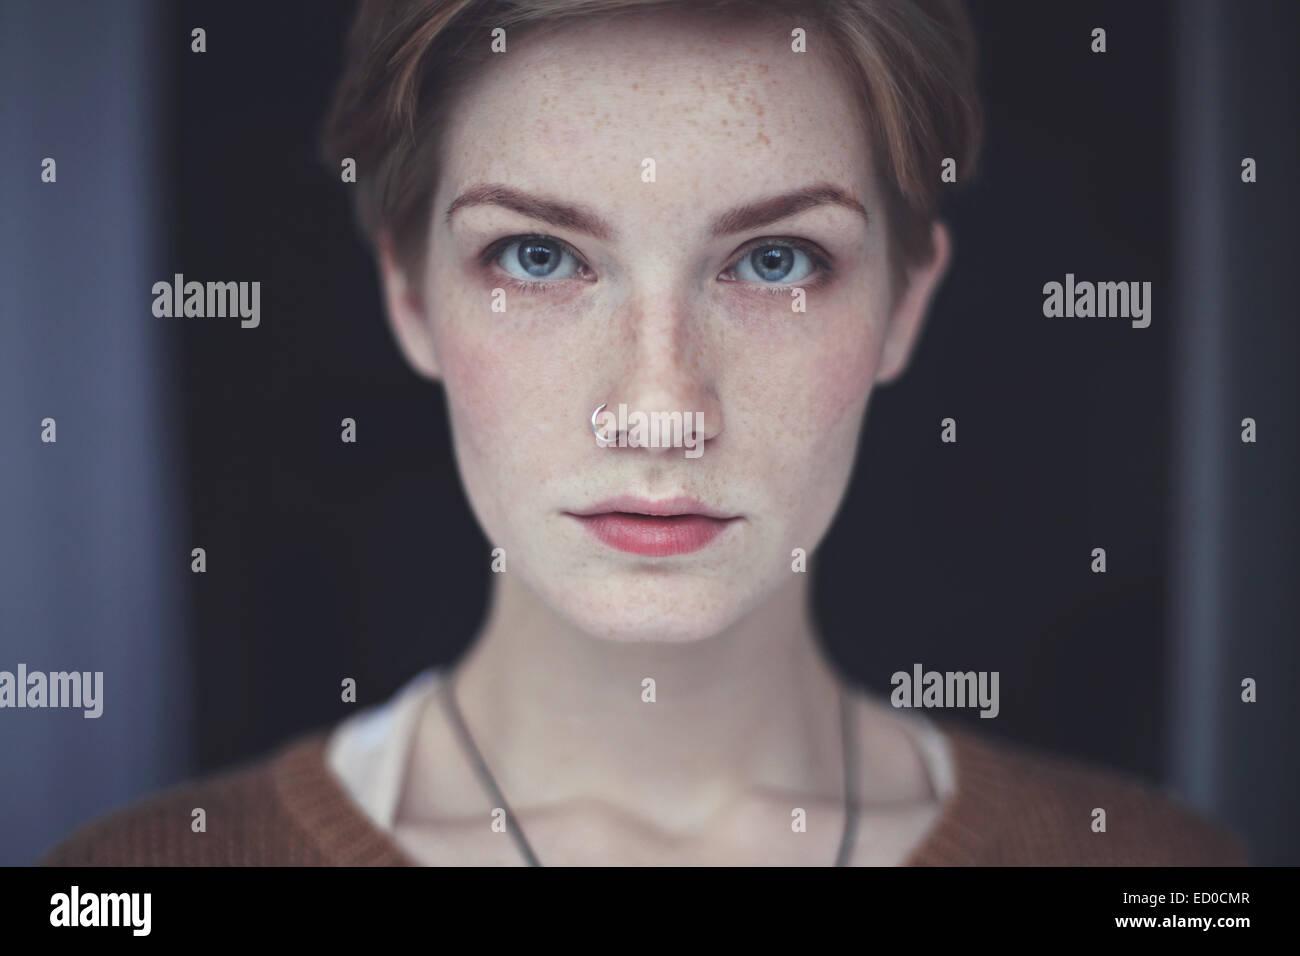 Retrato de mujer con pecas Imagen De Stock